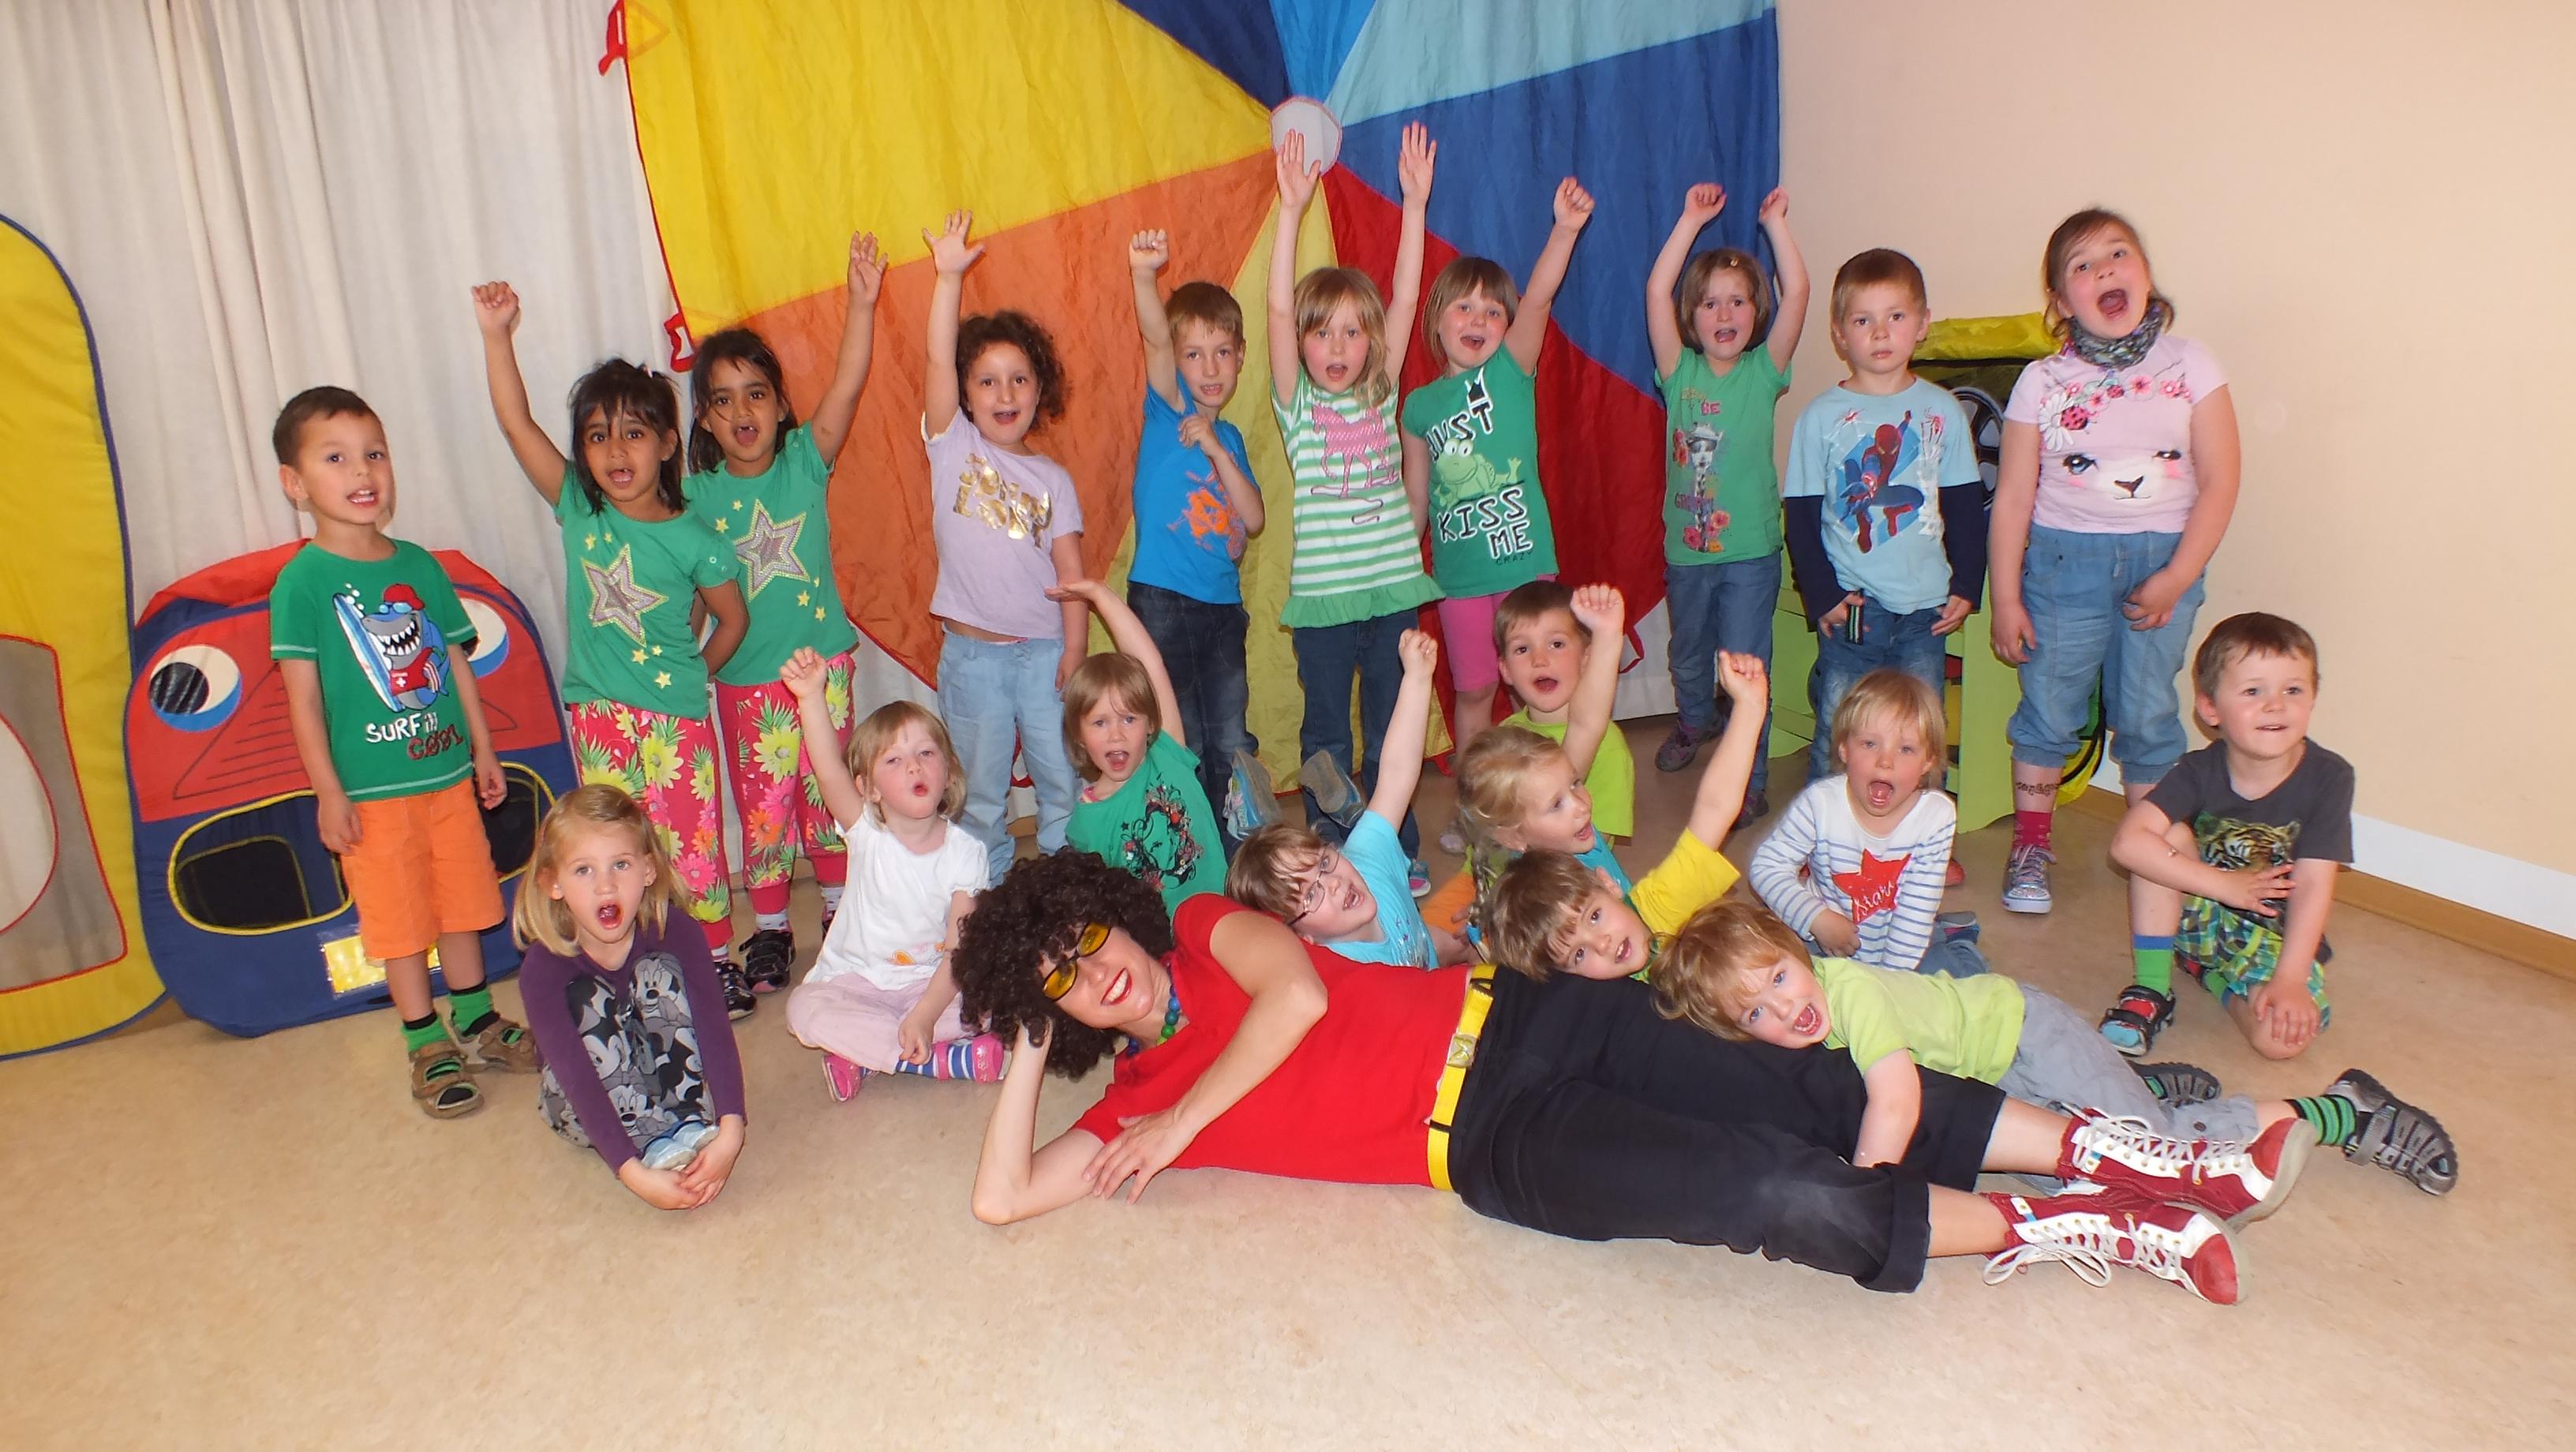 Outlaw Kita Am Kirschberg Musik- und Bewegungsprogramm für Kindergartenkinder